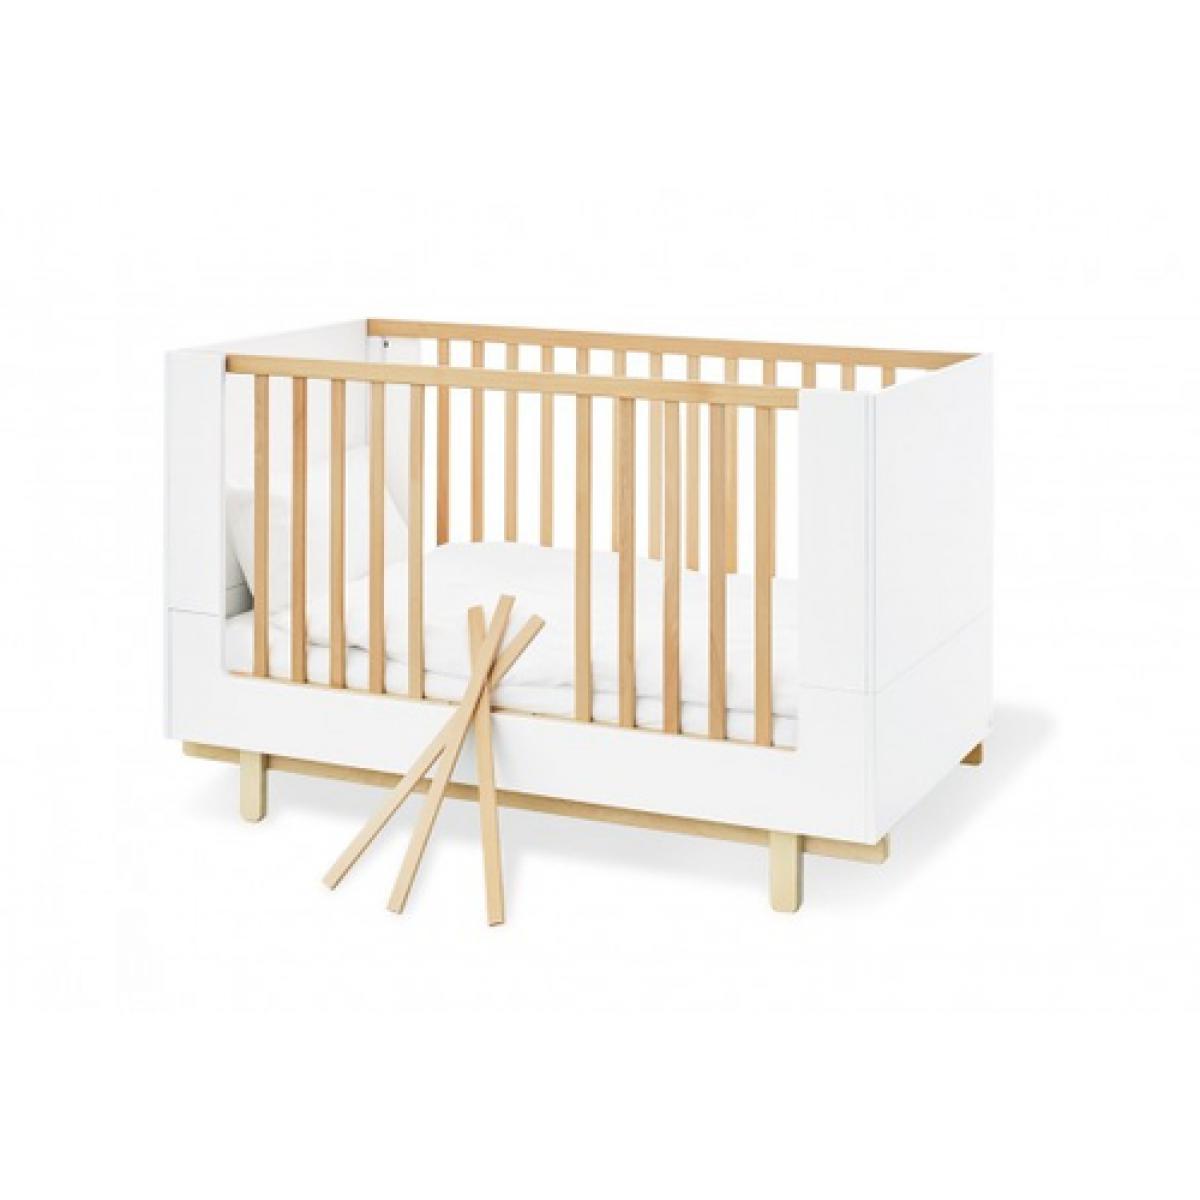 Pinolino Pinolino Ensemble Economique Boks 2 pièces lit de bébé évolutif commode à langer extra large